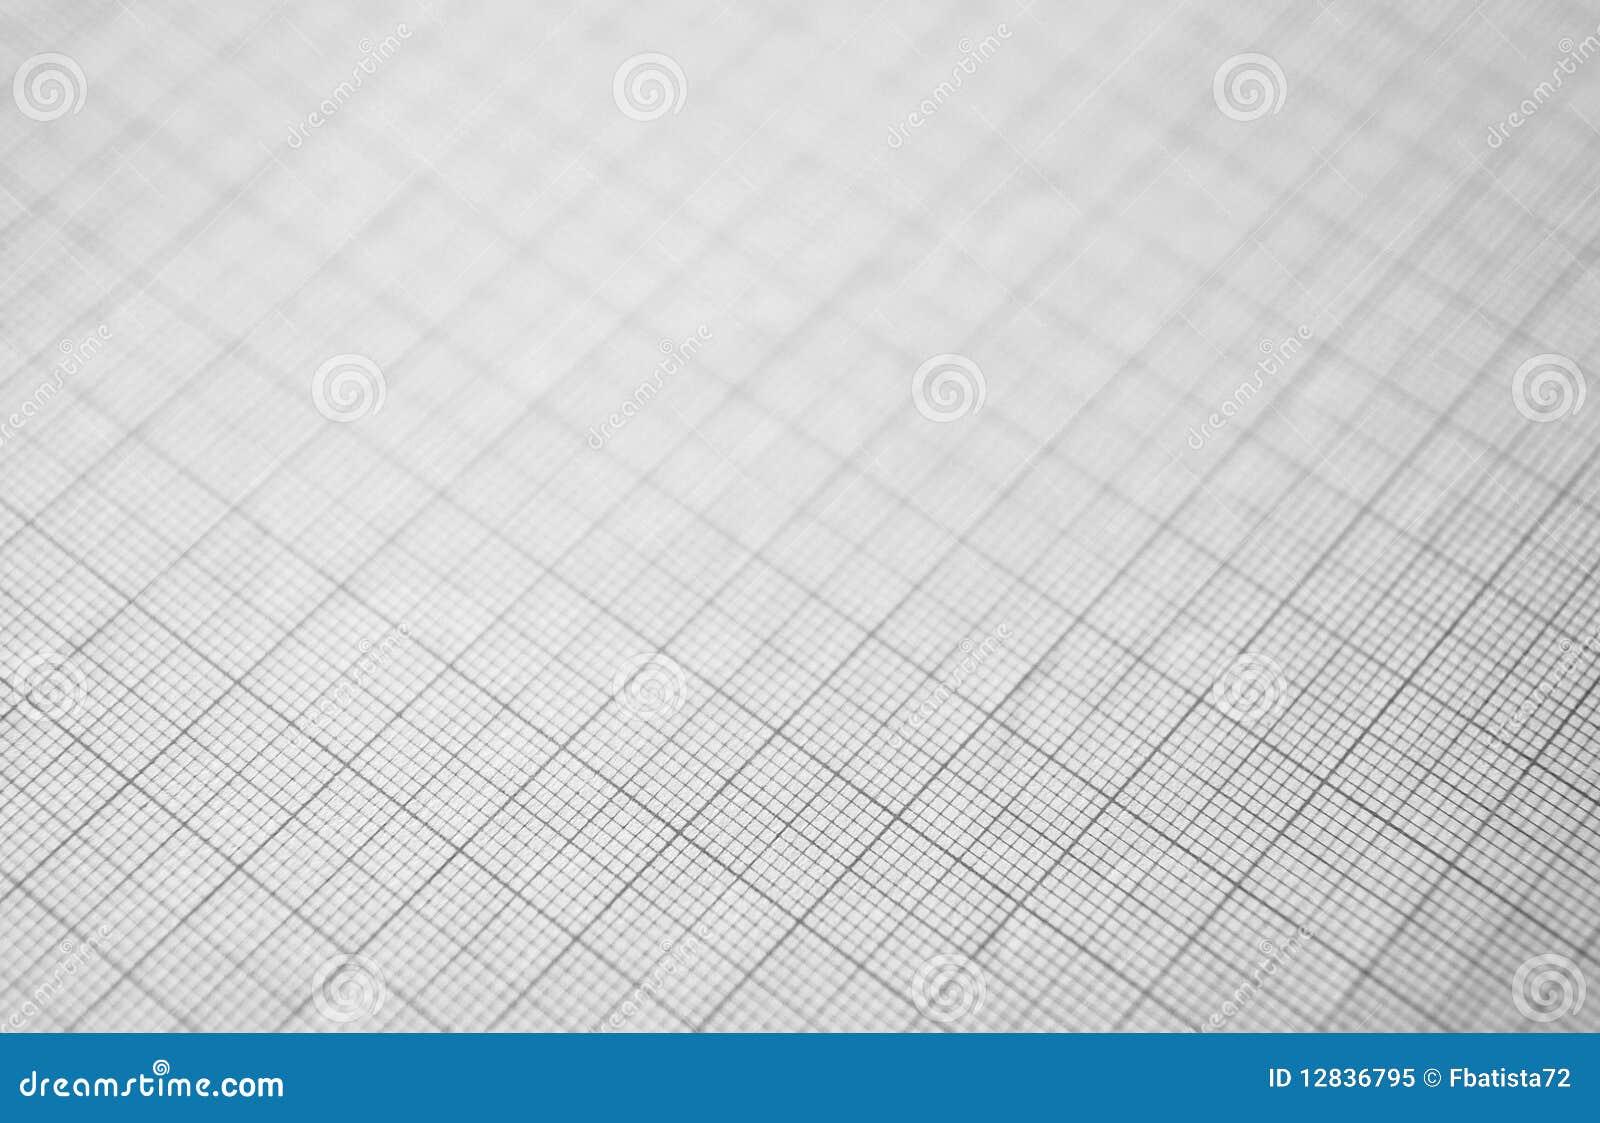 Papel de representação gráfica preto para